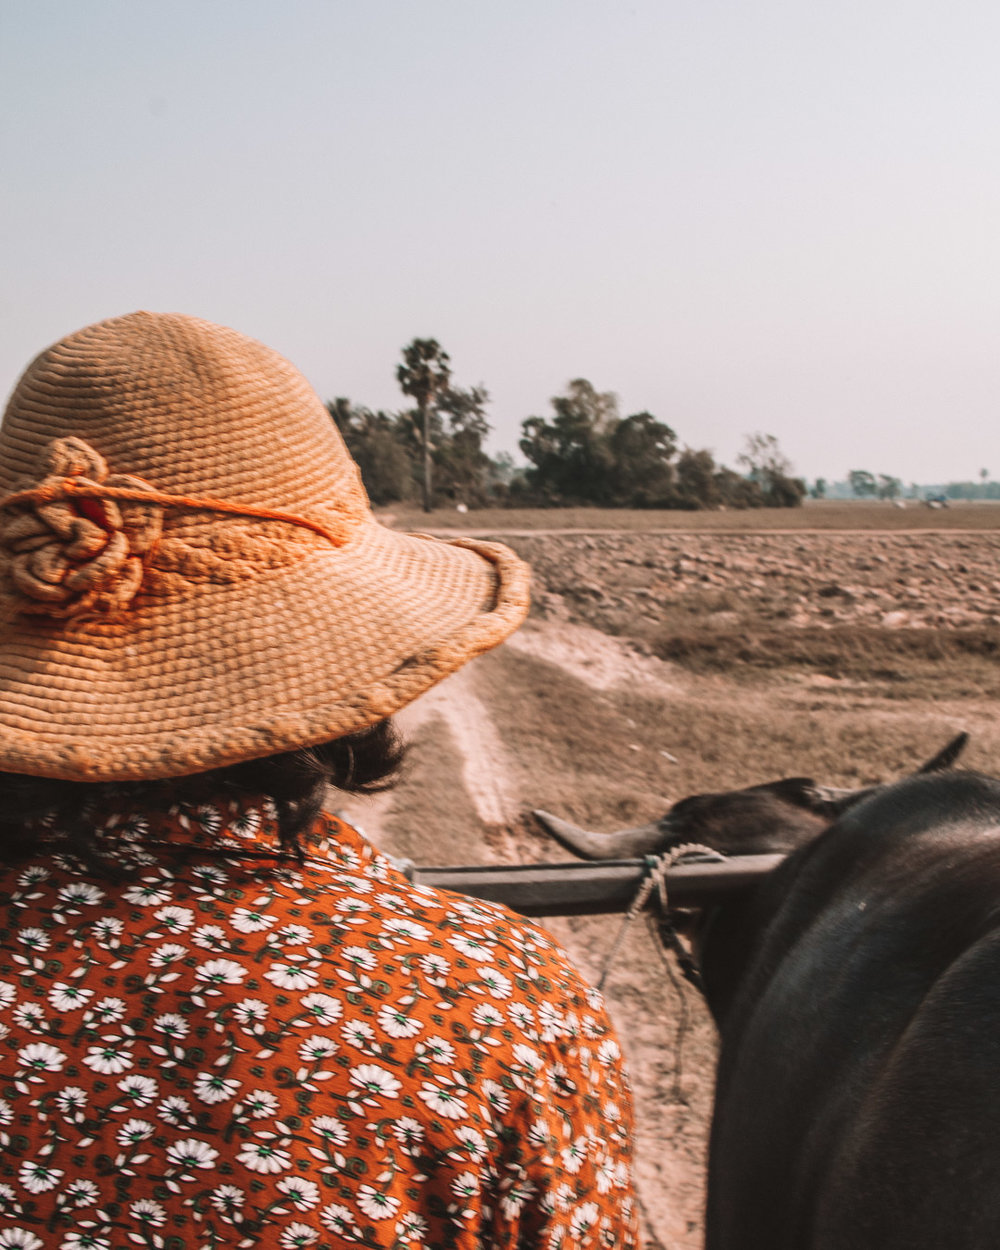 culture tradition cambodia